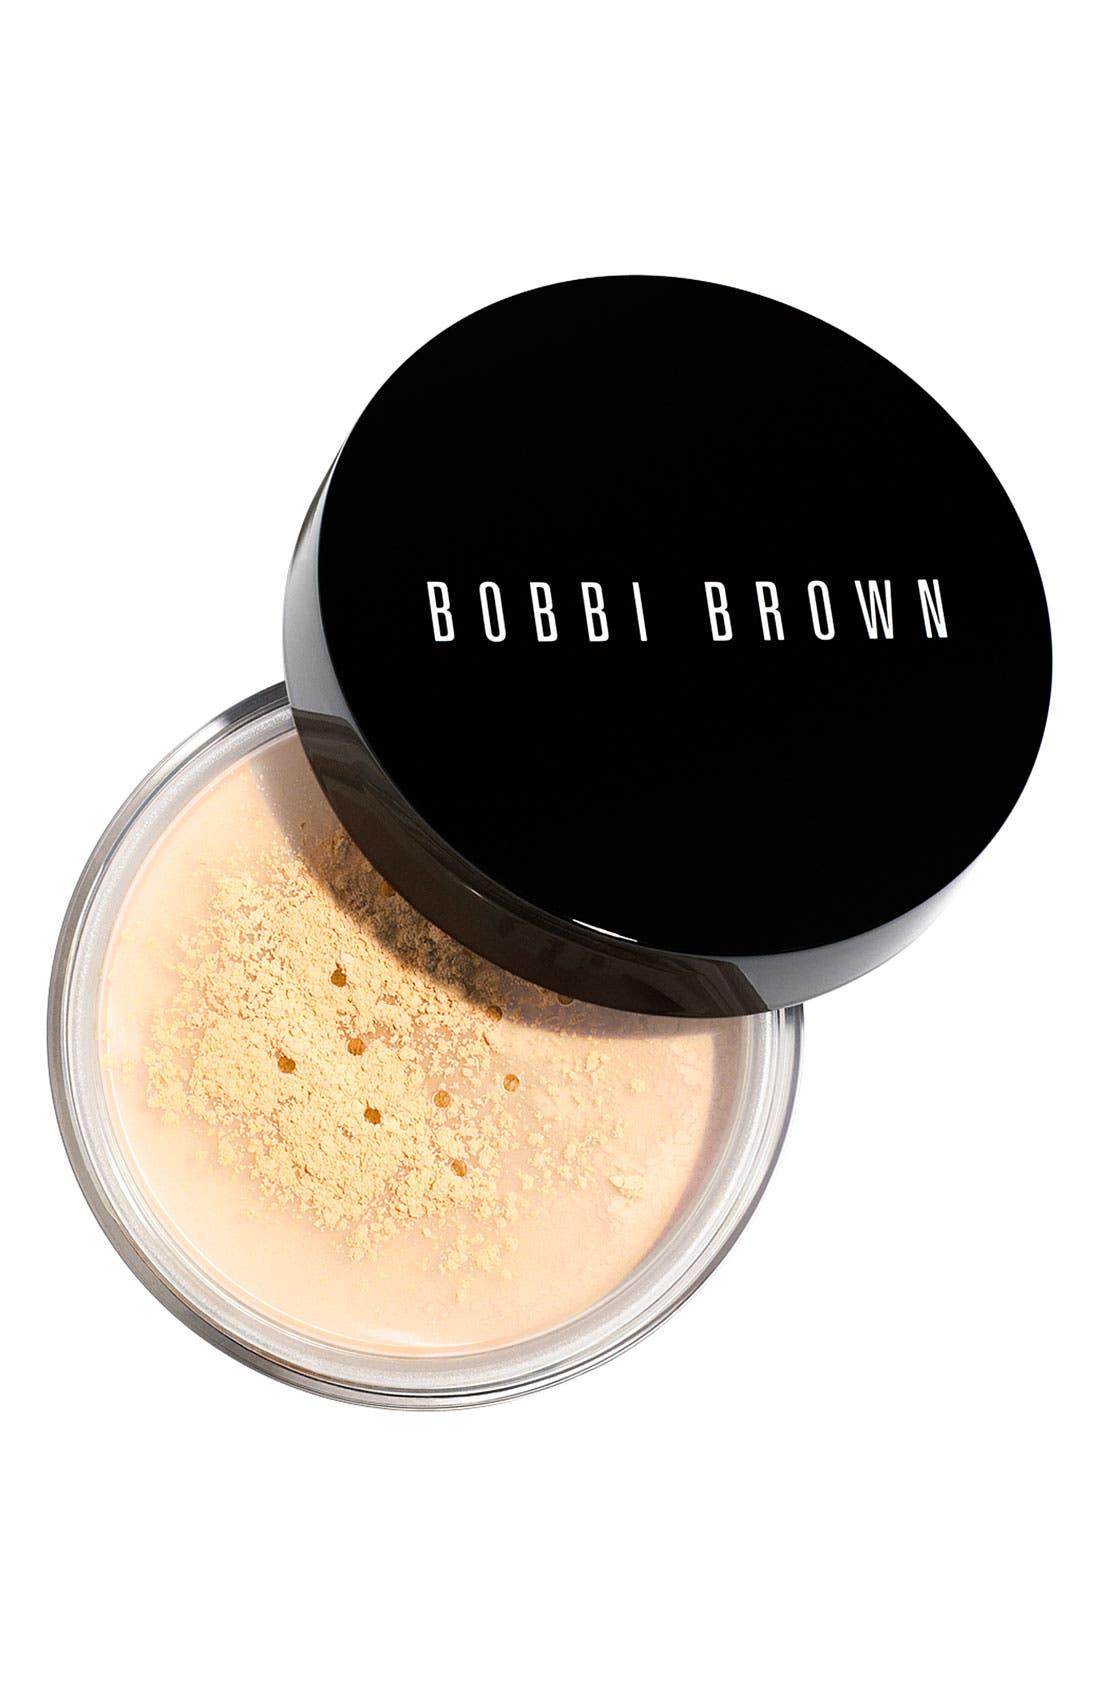 Image of Bobbi Brown Sheer Finish Loose Powder